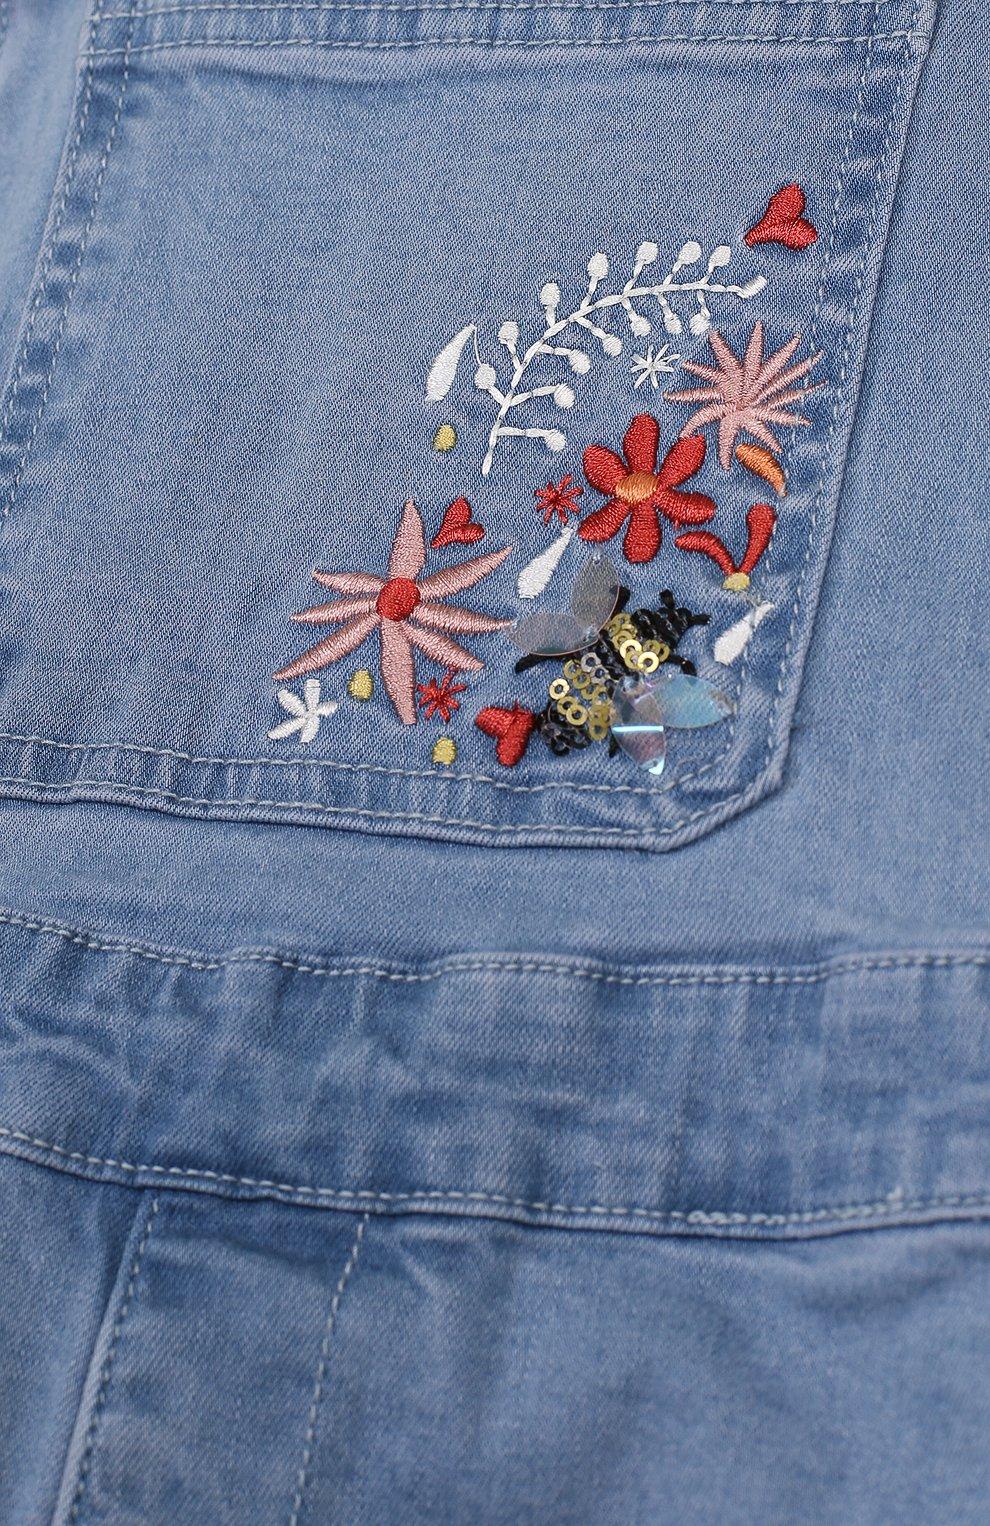 Детский джинсовый комбинезон с вышивкой SONIA RYKIEL ENFANT голубого цвета, арт. 18S1PA05 | Фото 3